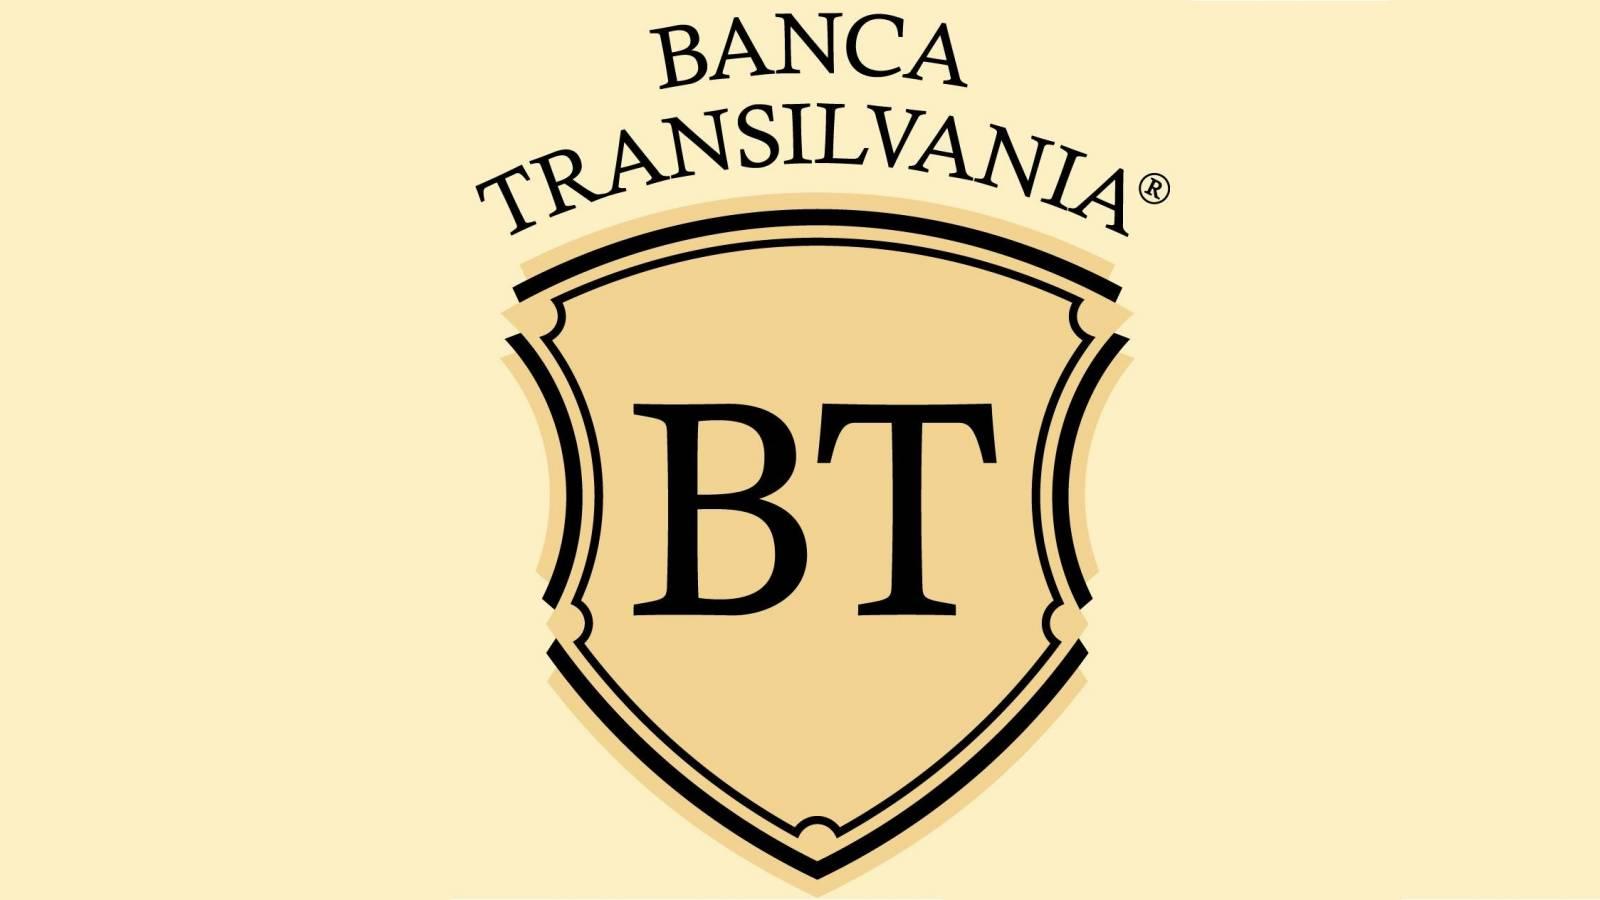 BANCA Transilvania poprire